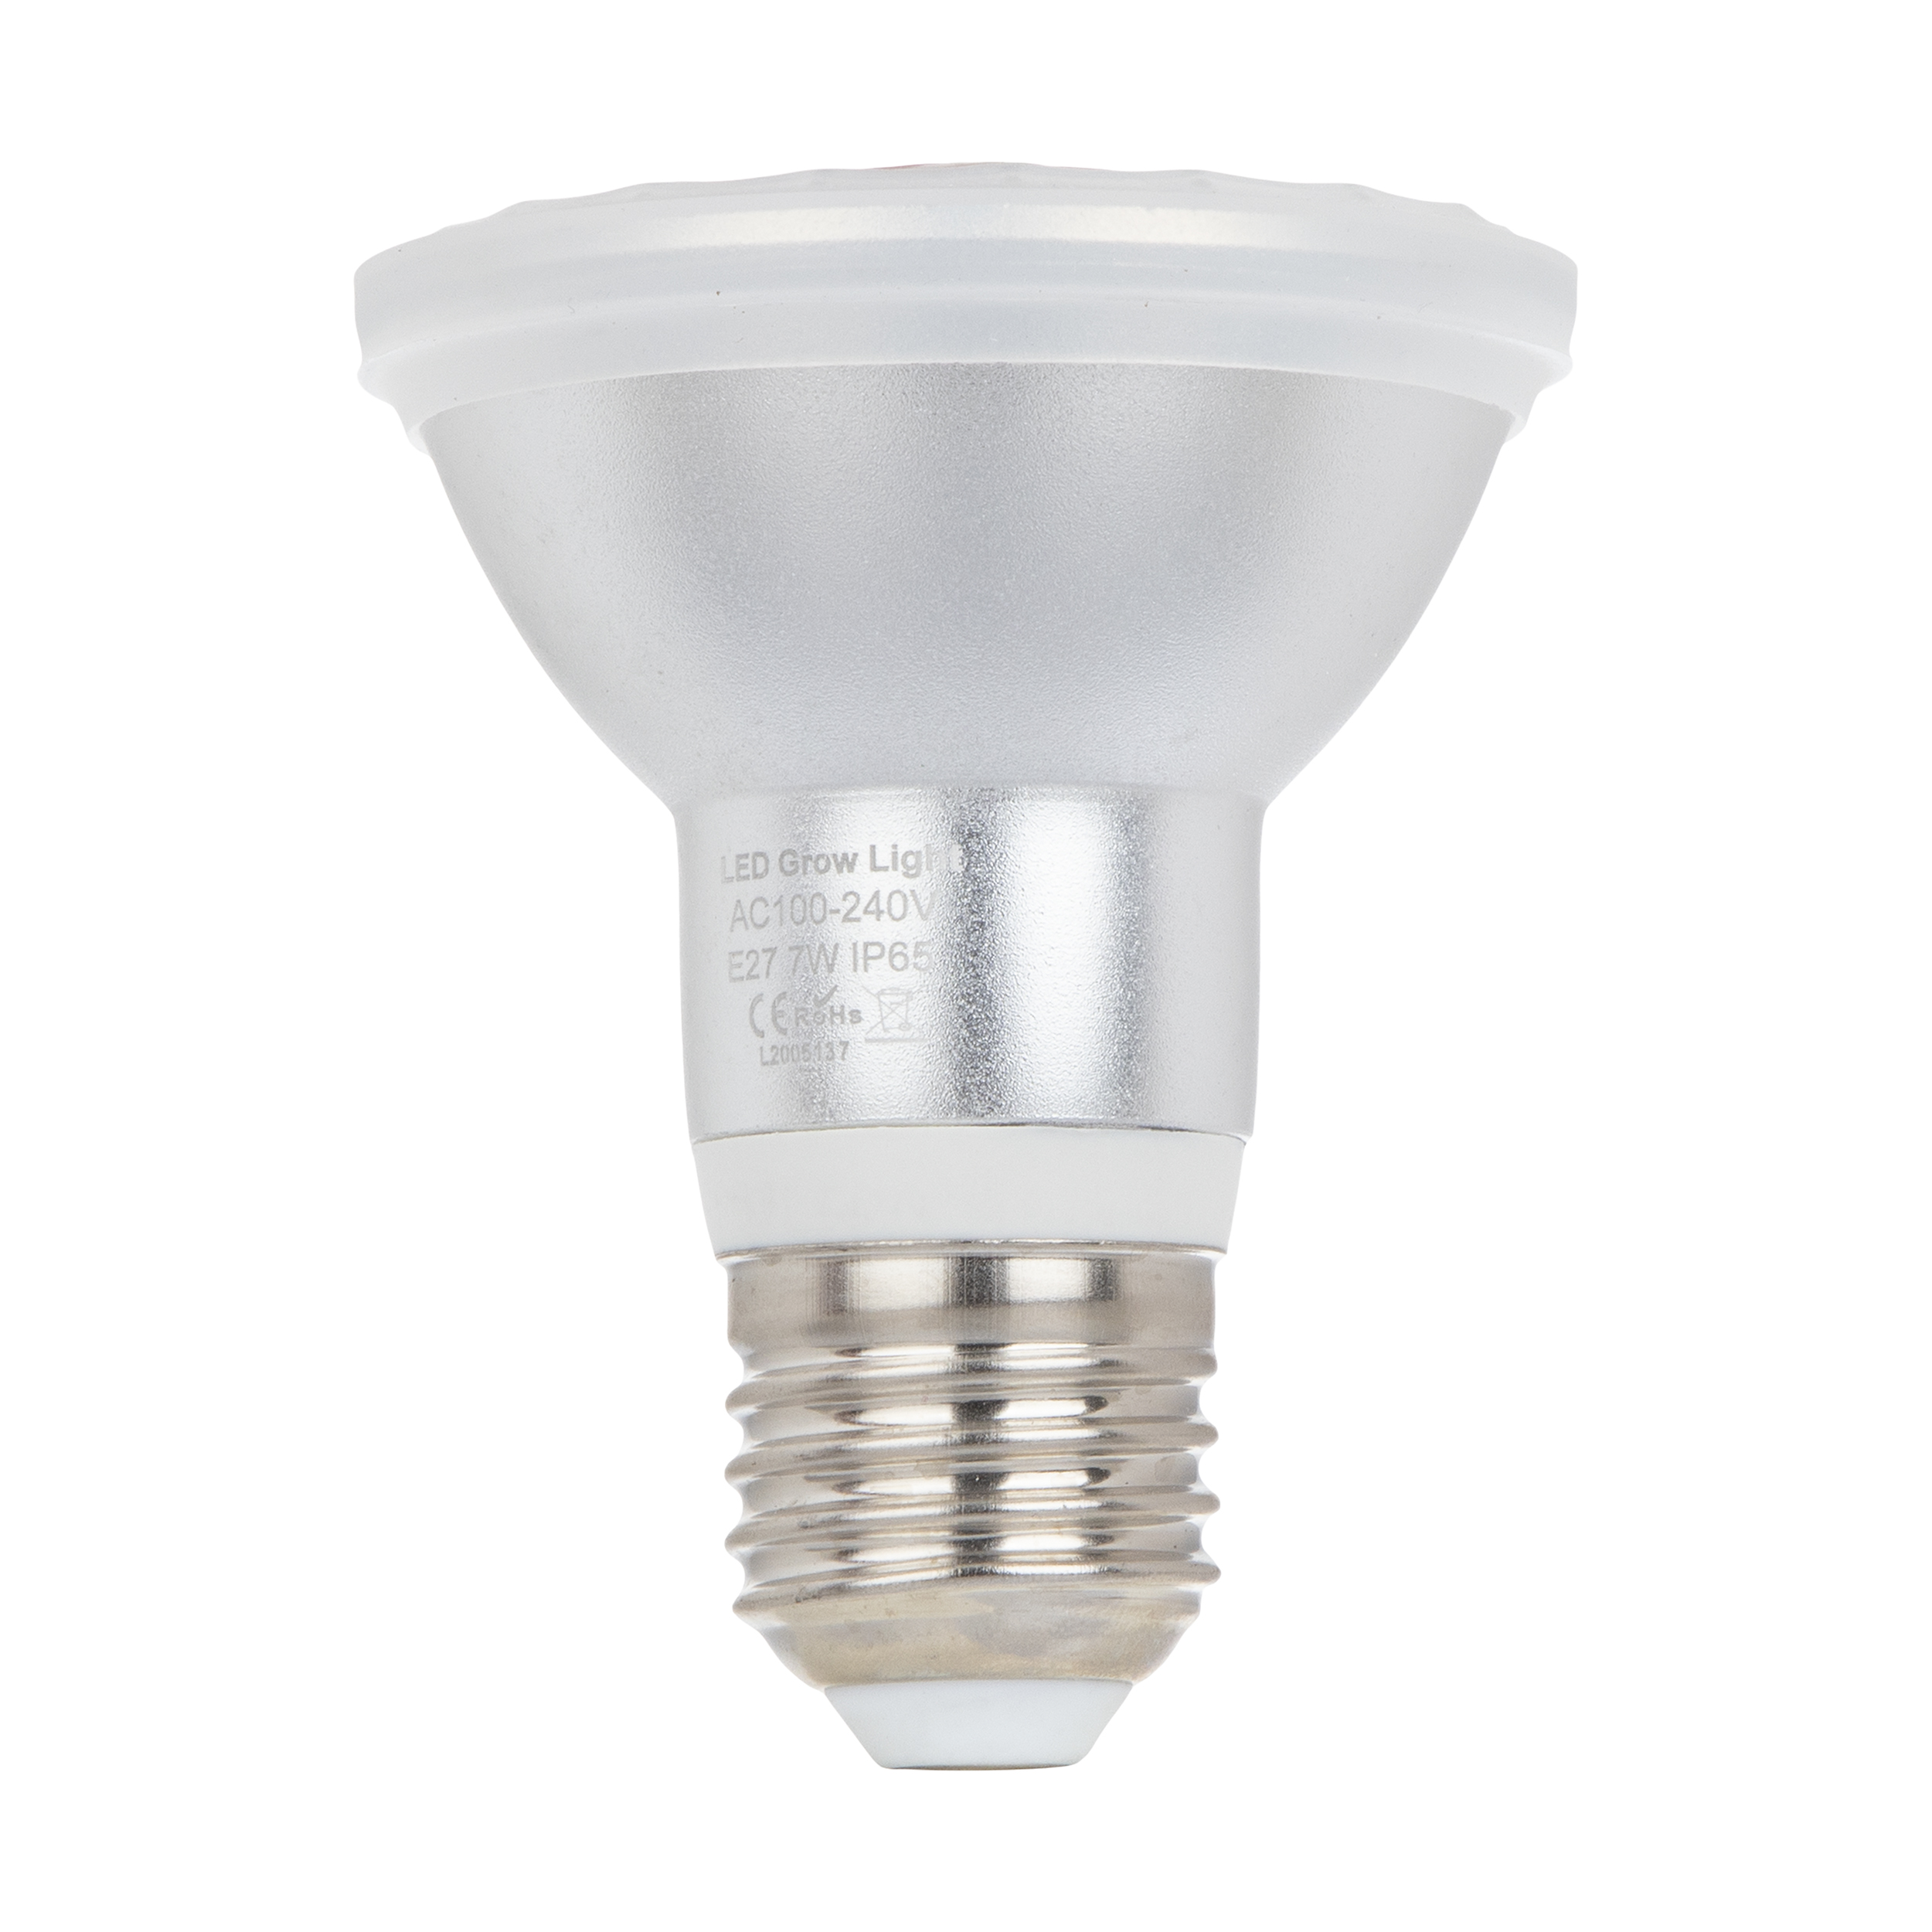 لامپ رشد گیاه ۷ وات مدل R7 پایه E27